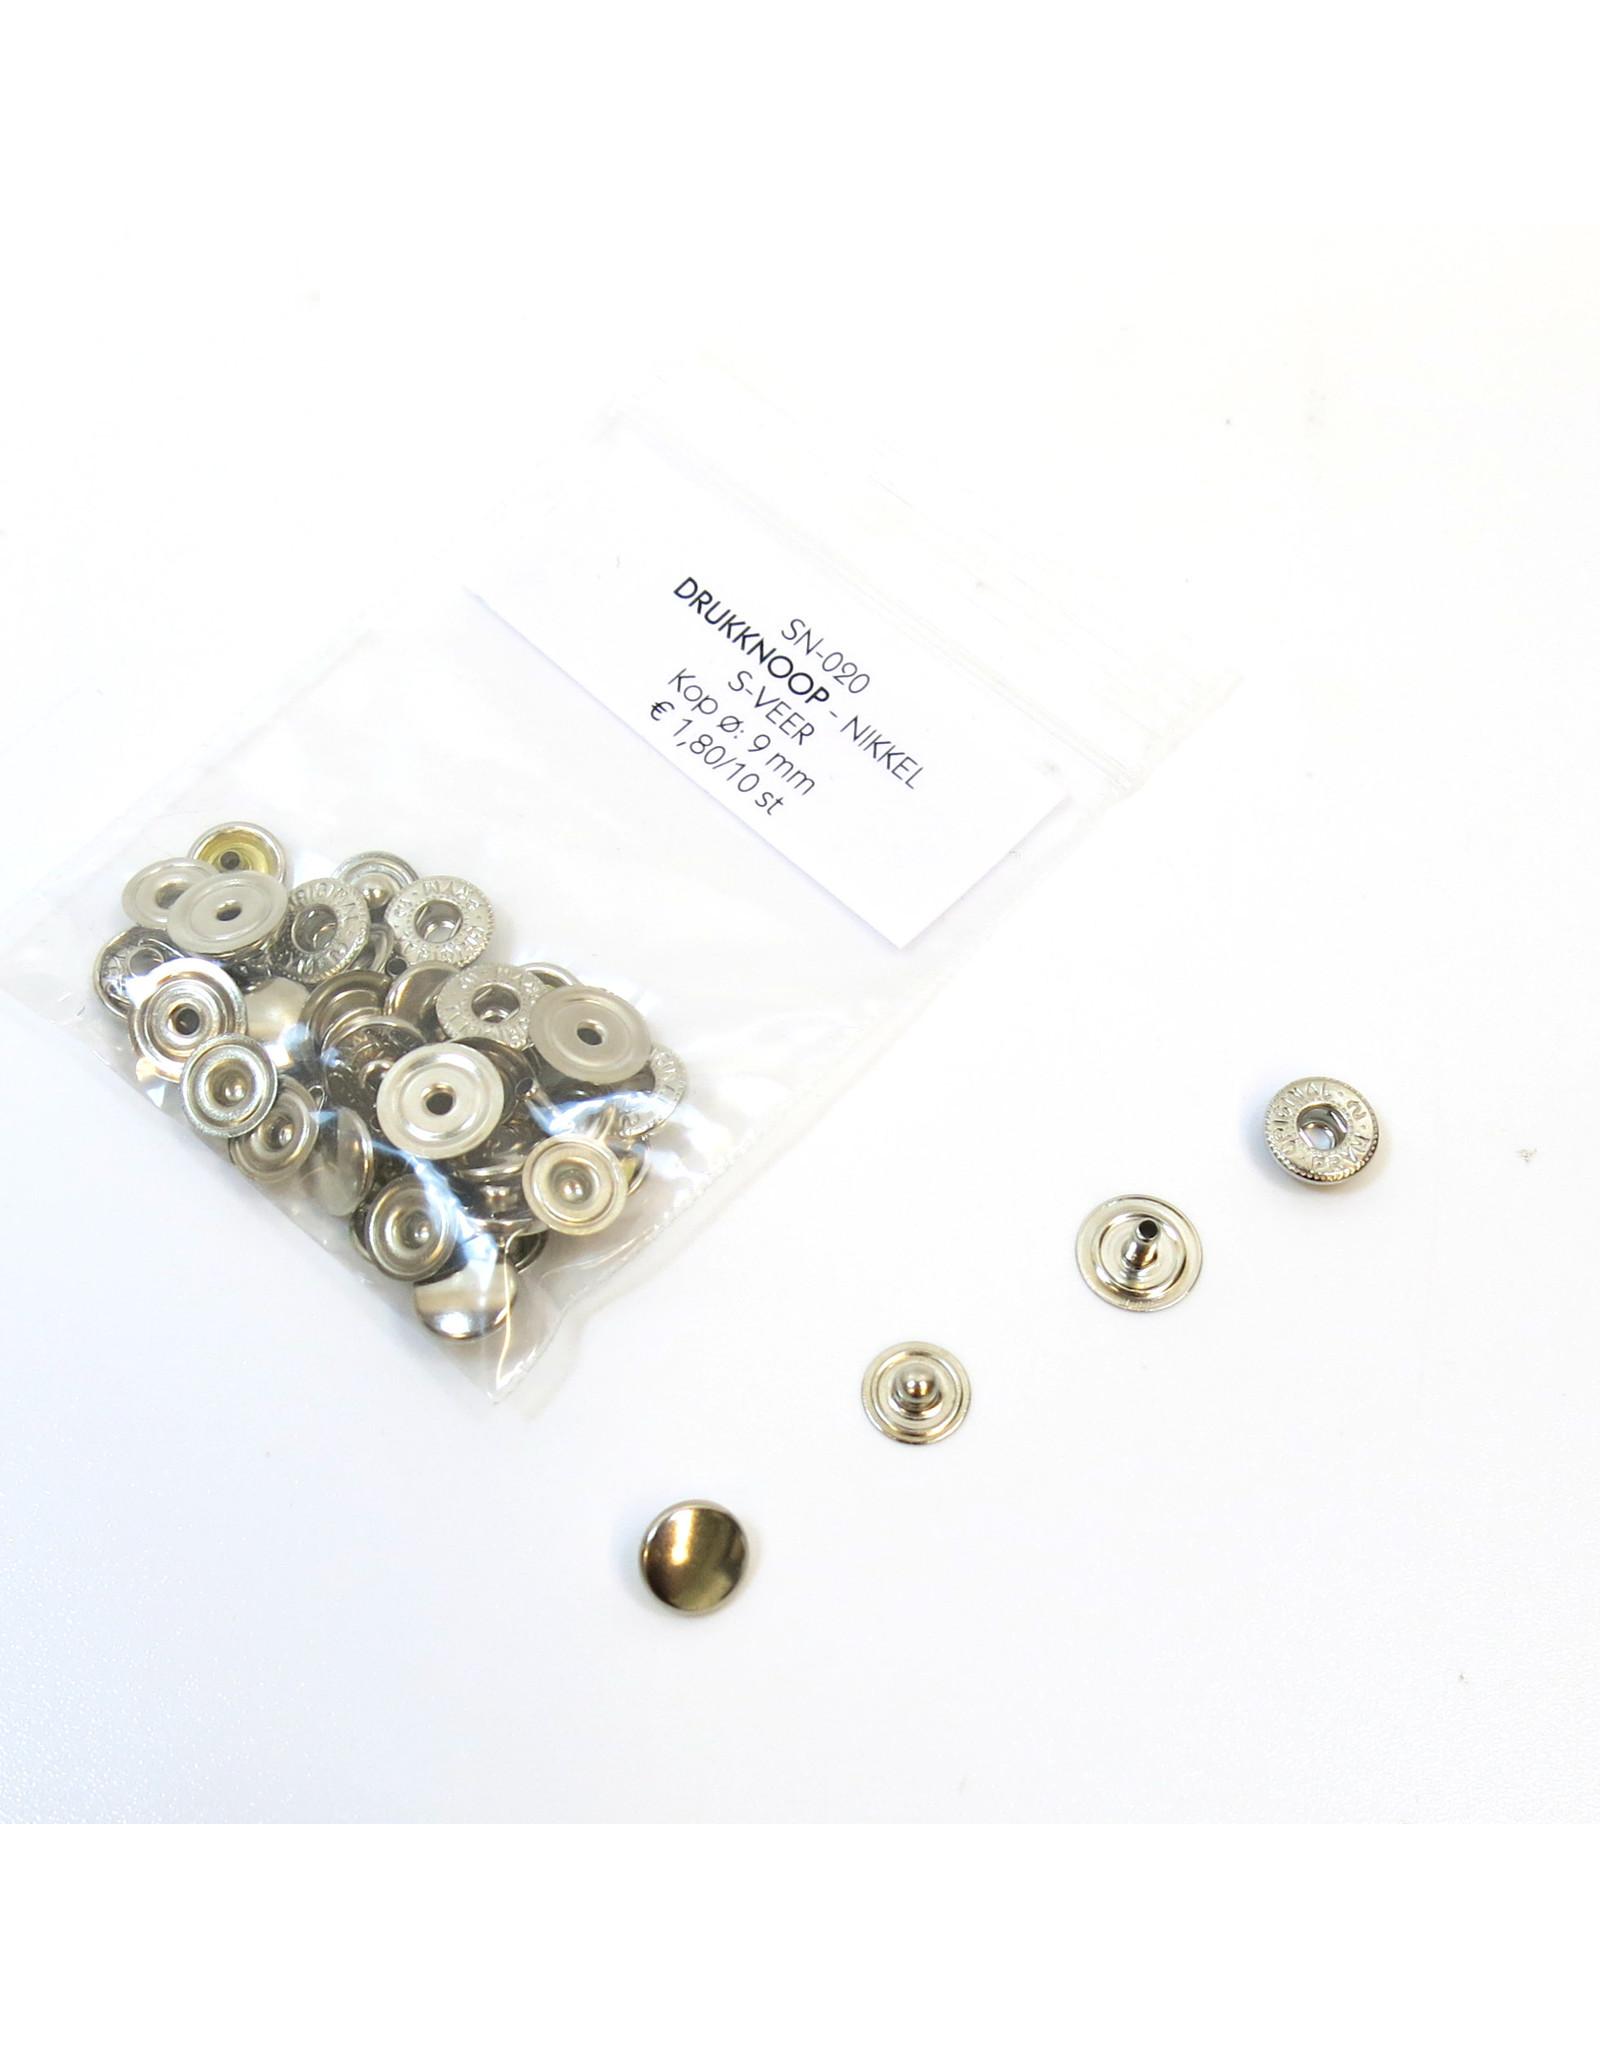 Snap button 9mm (10pcs)